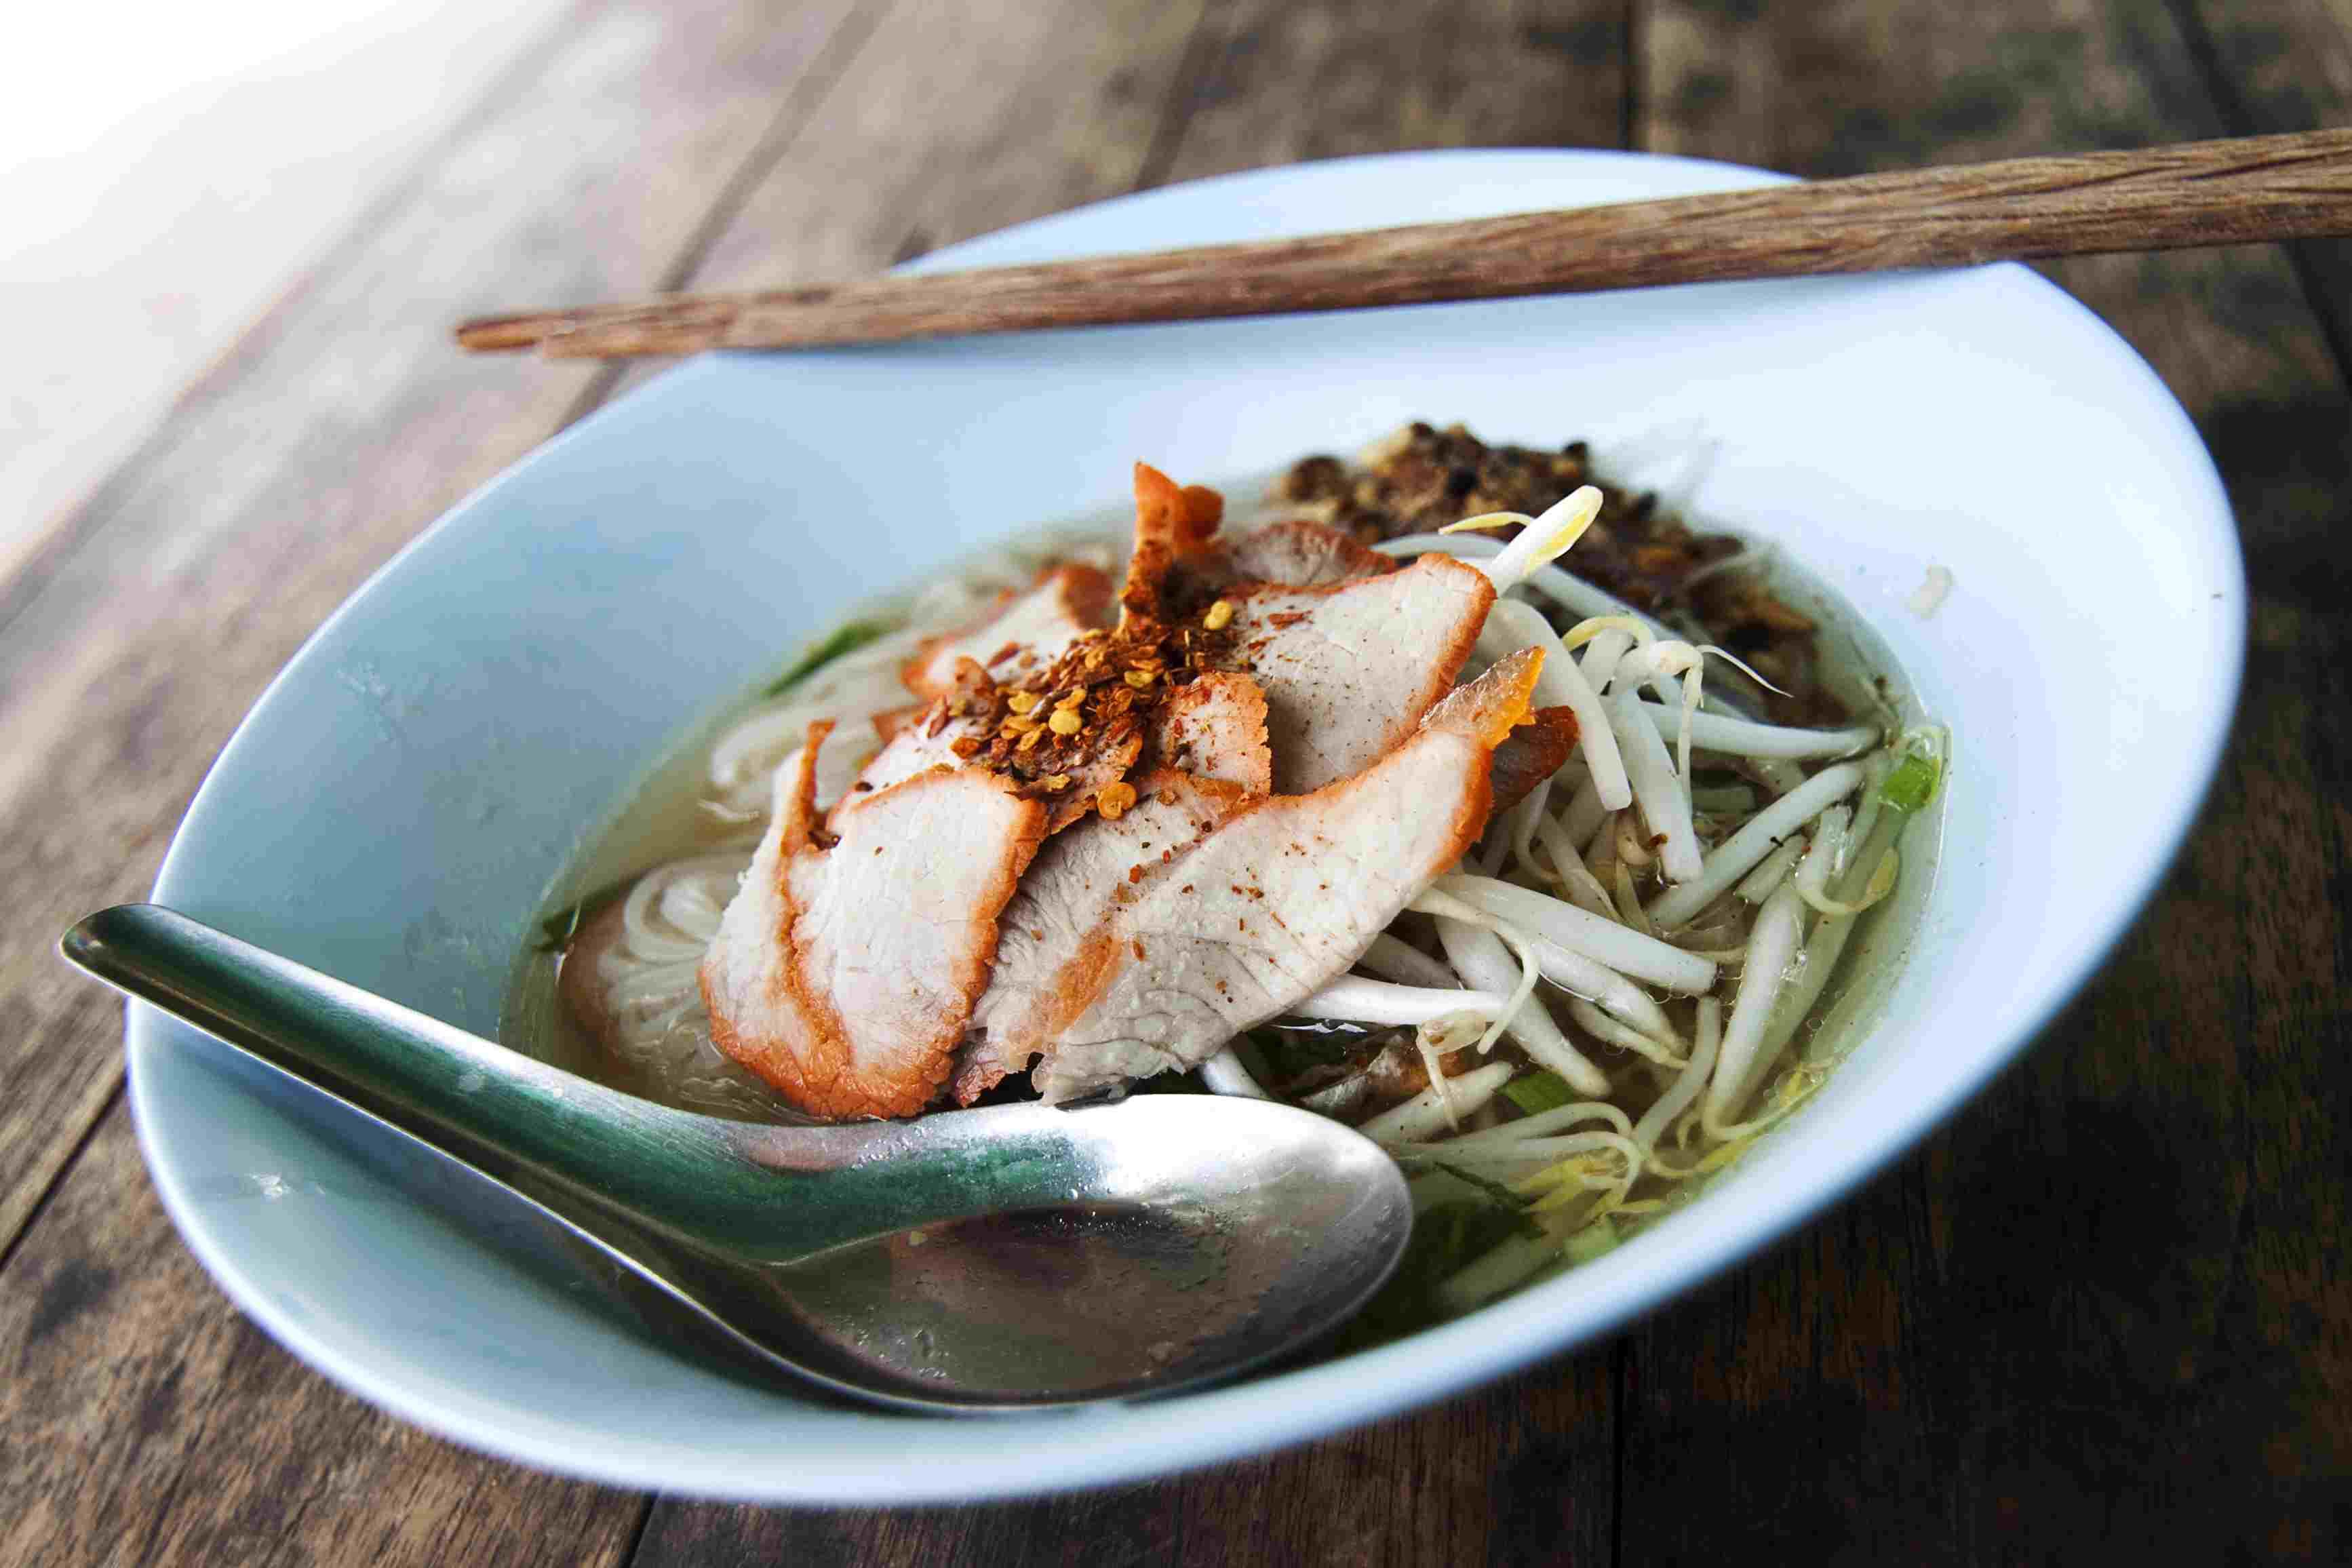 Sukhothai noodle soup with utensils